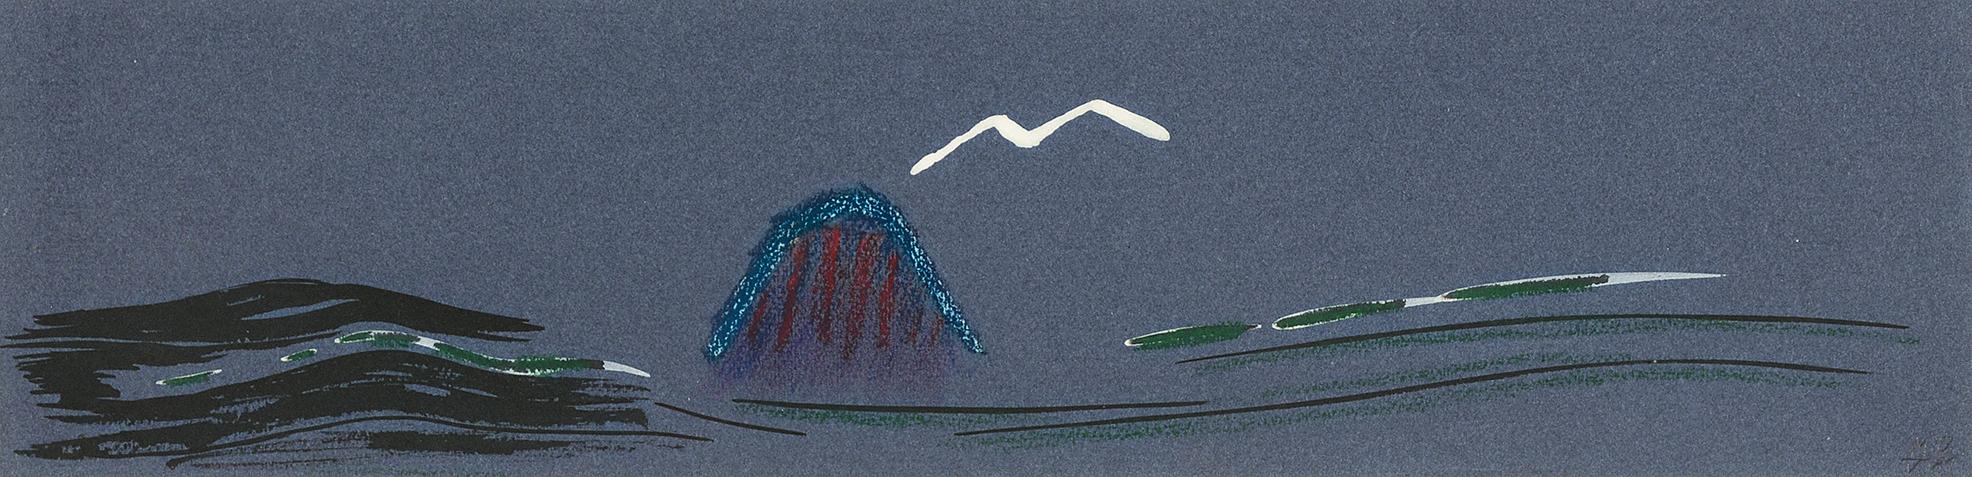 Oppenheim Meret, Weisser Vogel über Wasser